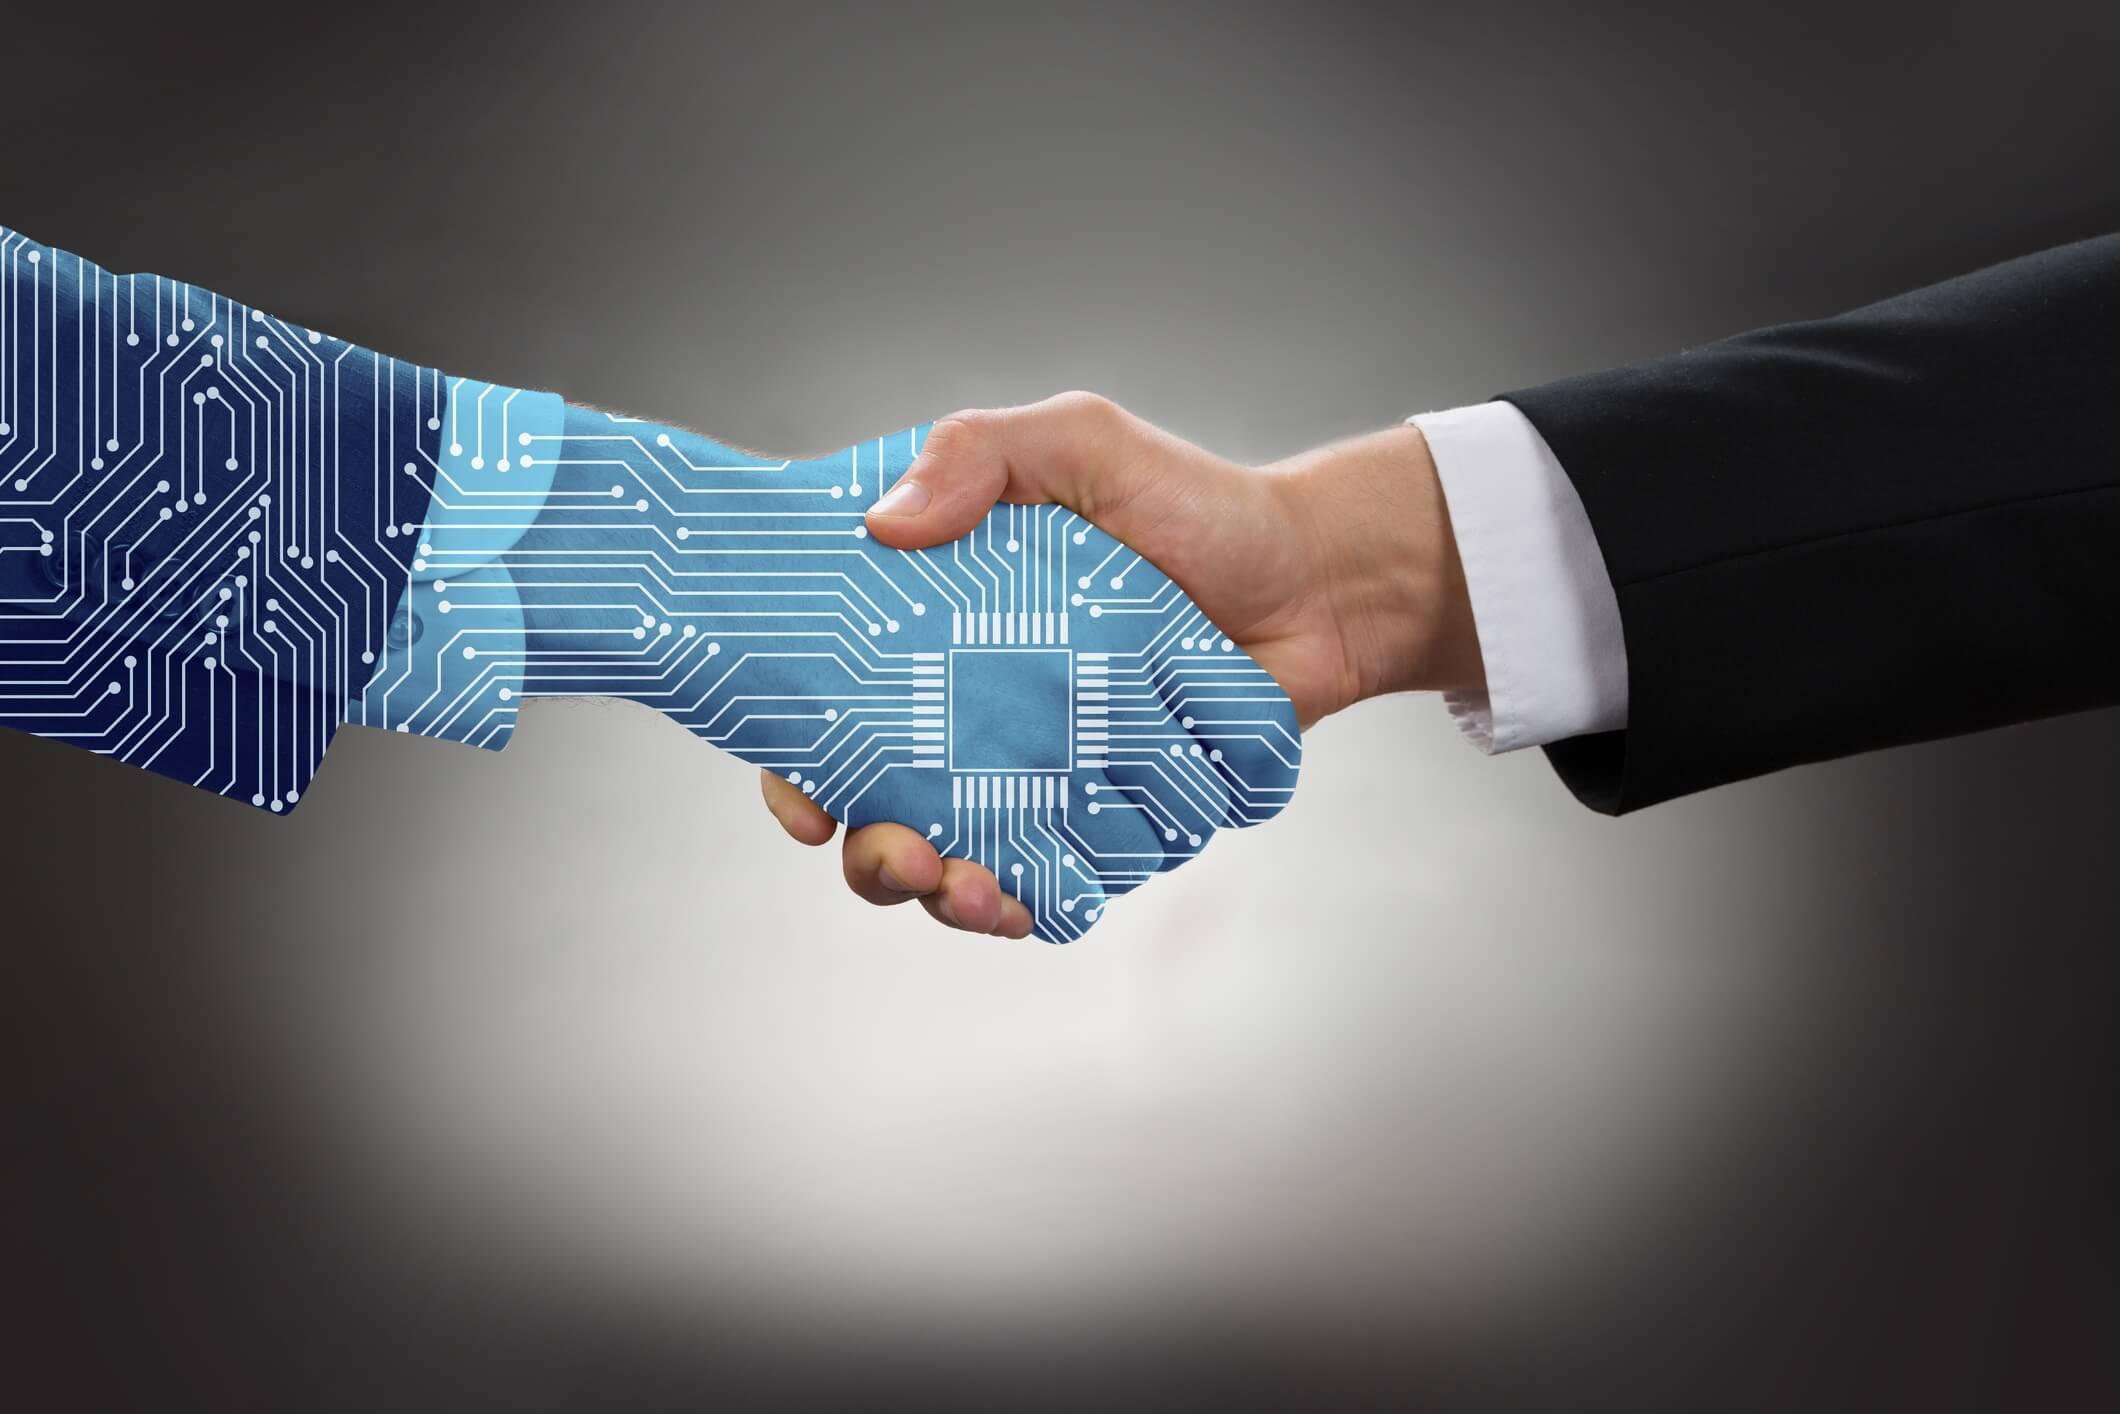 Bank & FinTech Partnerships: Do the Opportunities Outweigh the Threats?